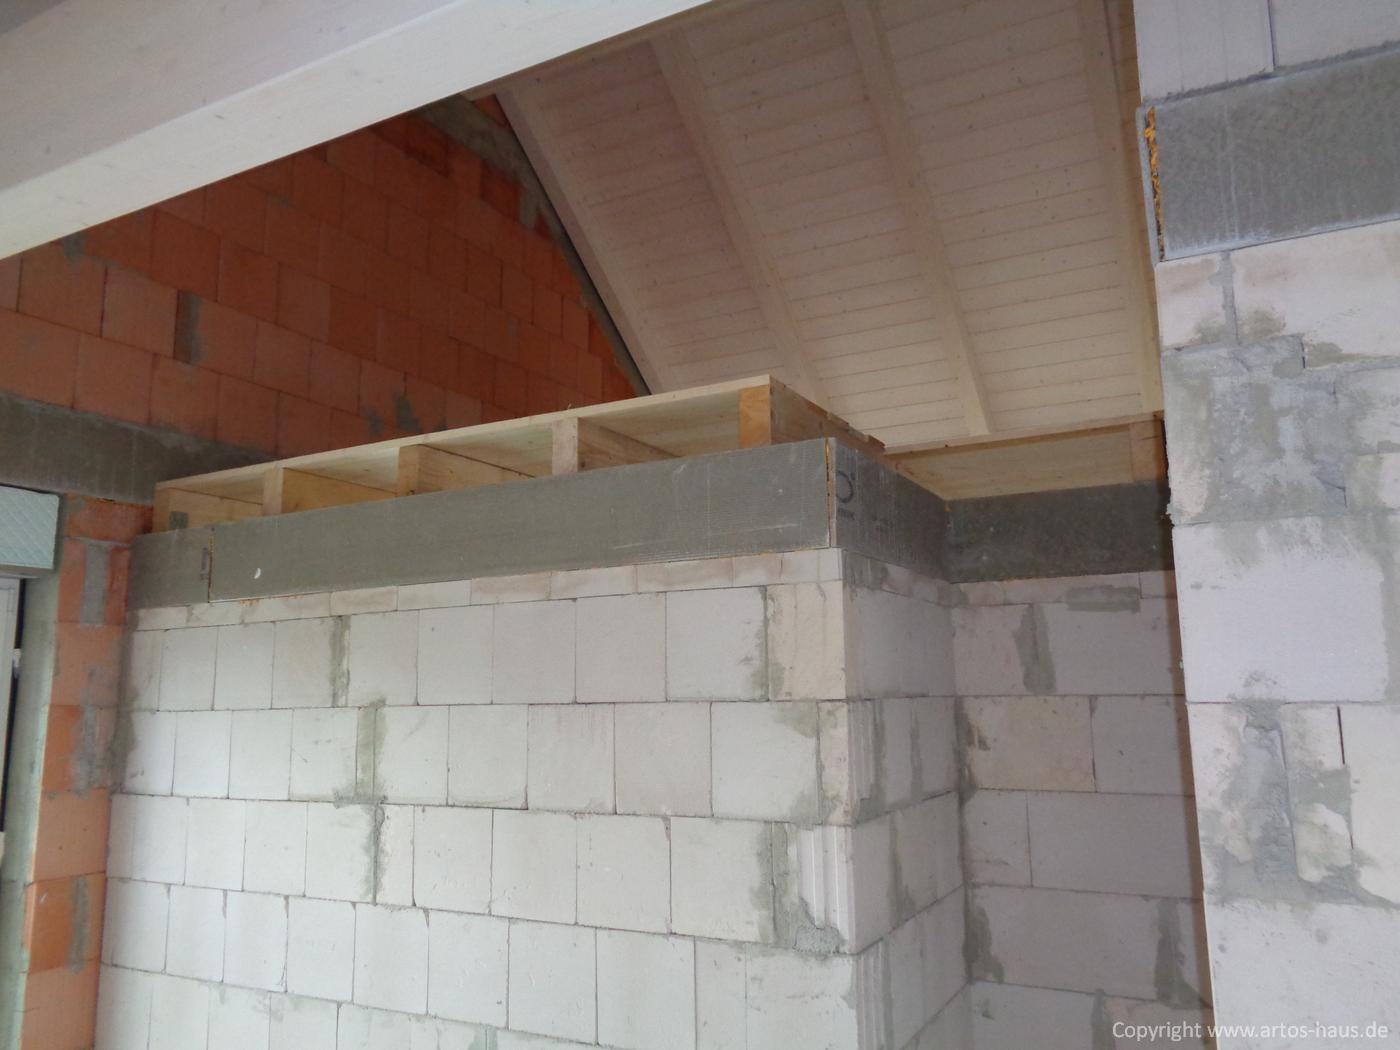 Dacheindeckung Juli 2021 ein ARTOS-HAUS Bauvorhaben Bild 10